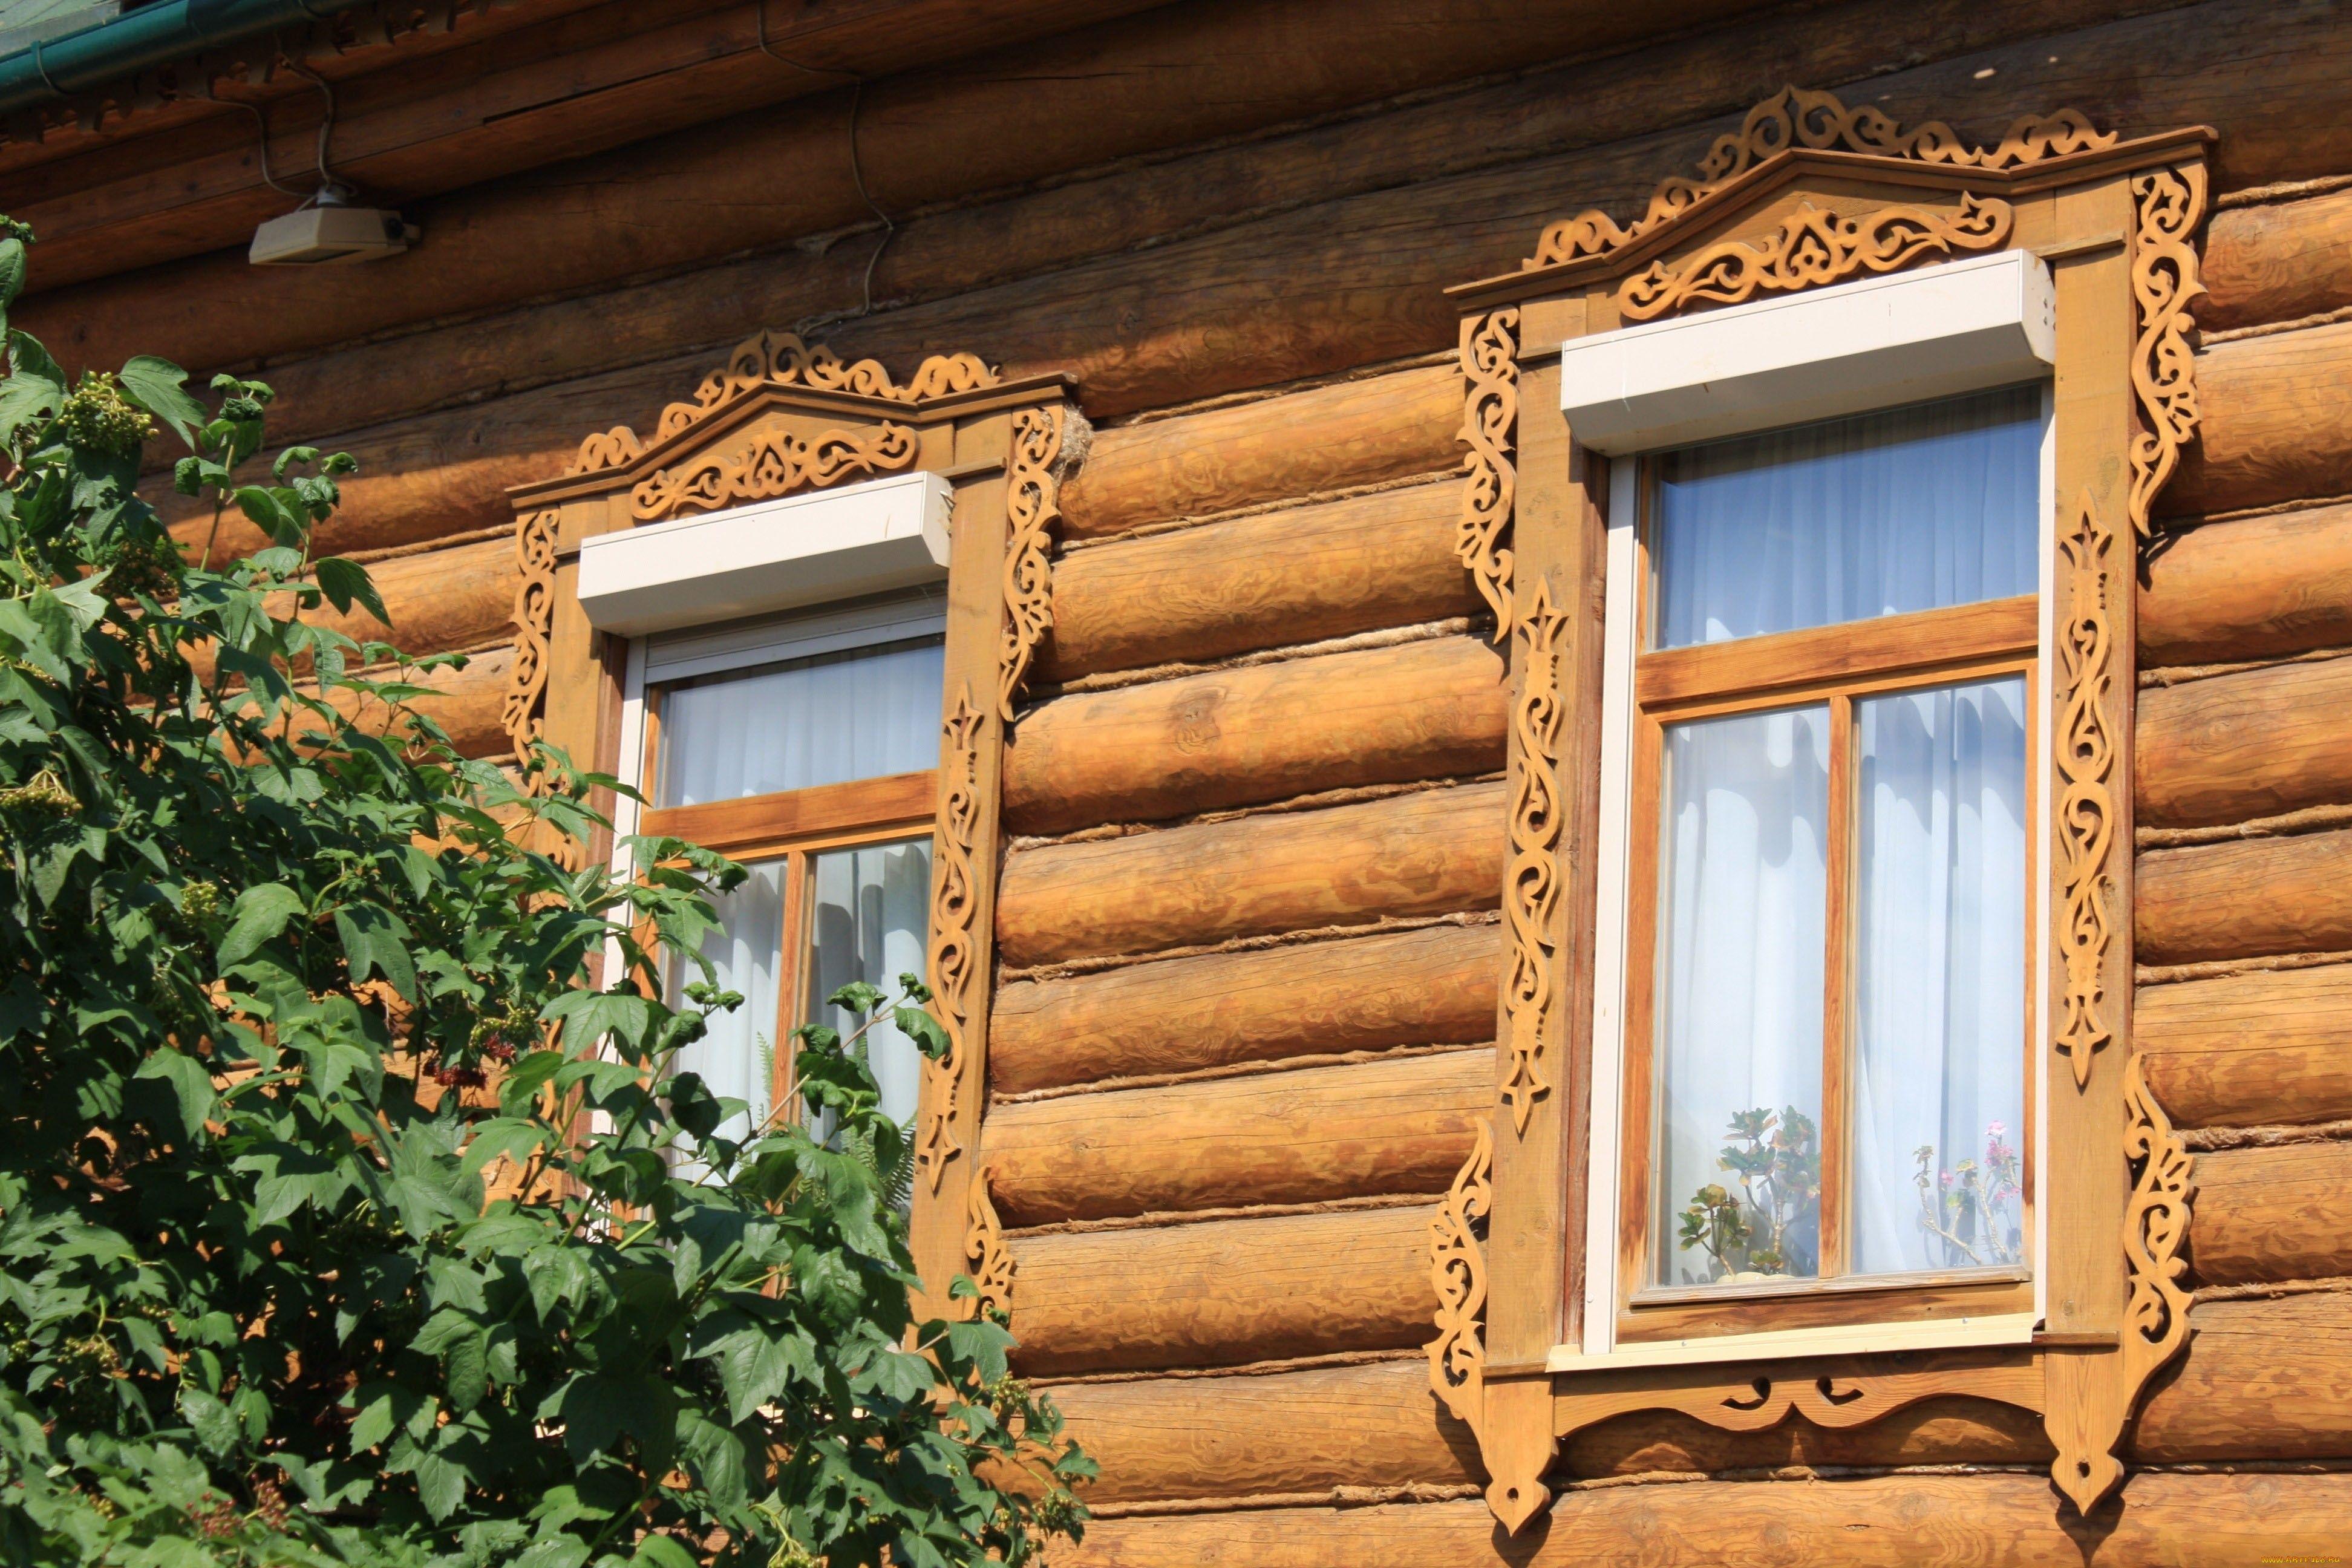 Наличники на окна своими руками - пошаговая инструкция! 50